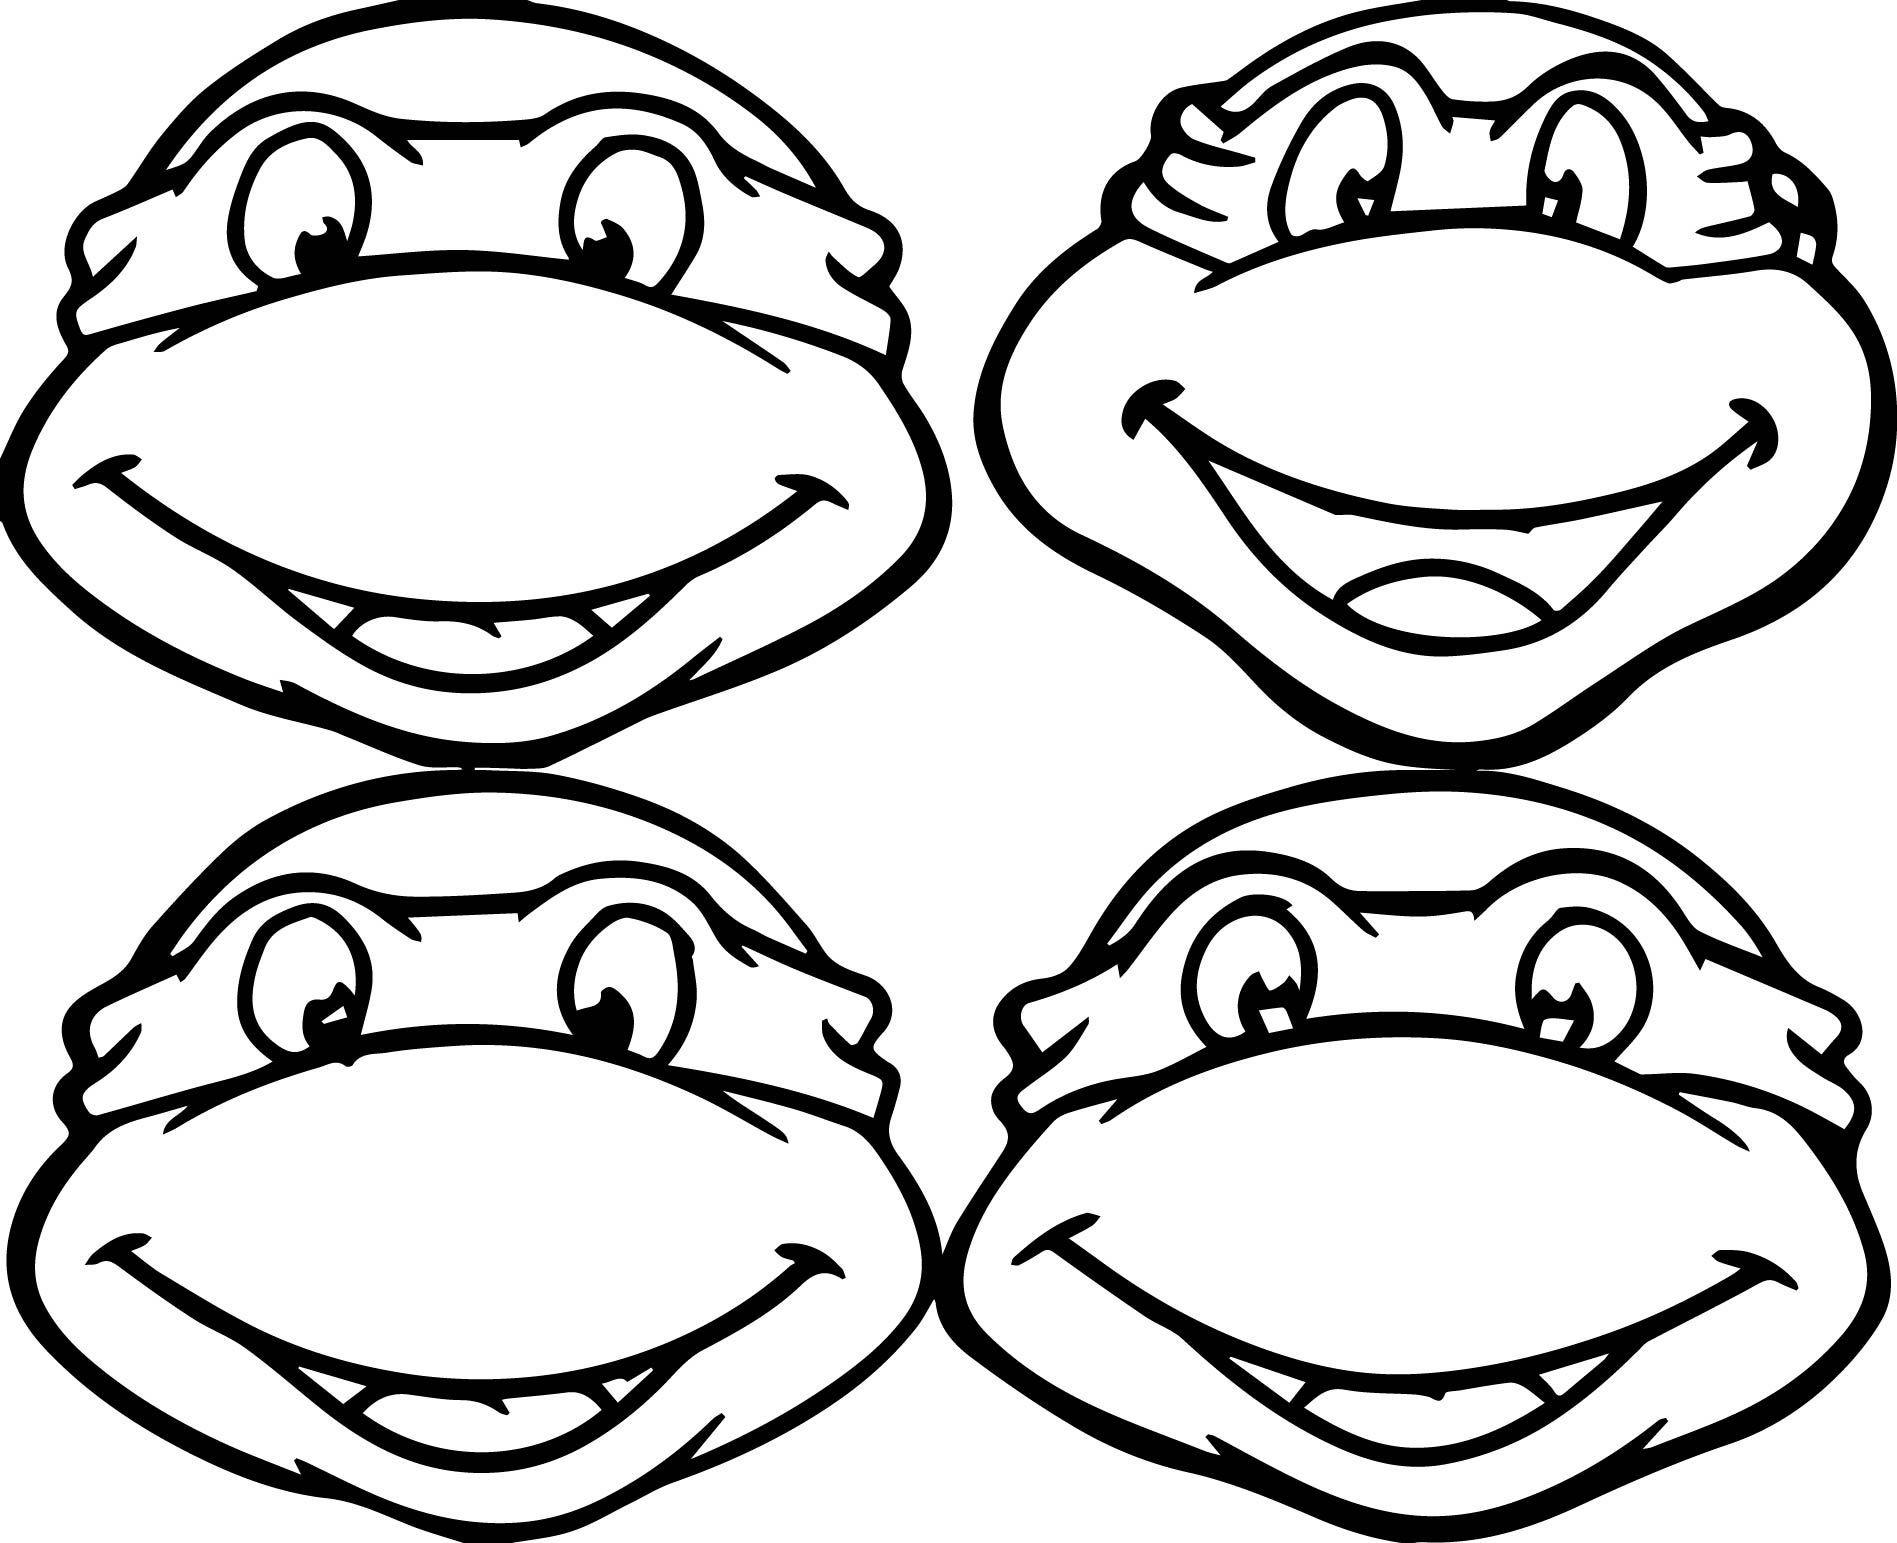 printable ninja turtle coloring pages ninja turtle coloring pages free printable pictures pages ninja coloring turtle printable